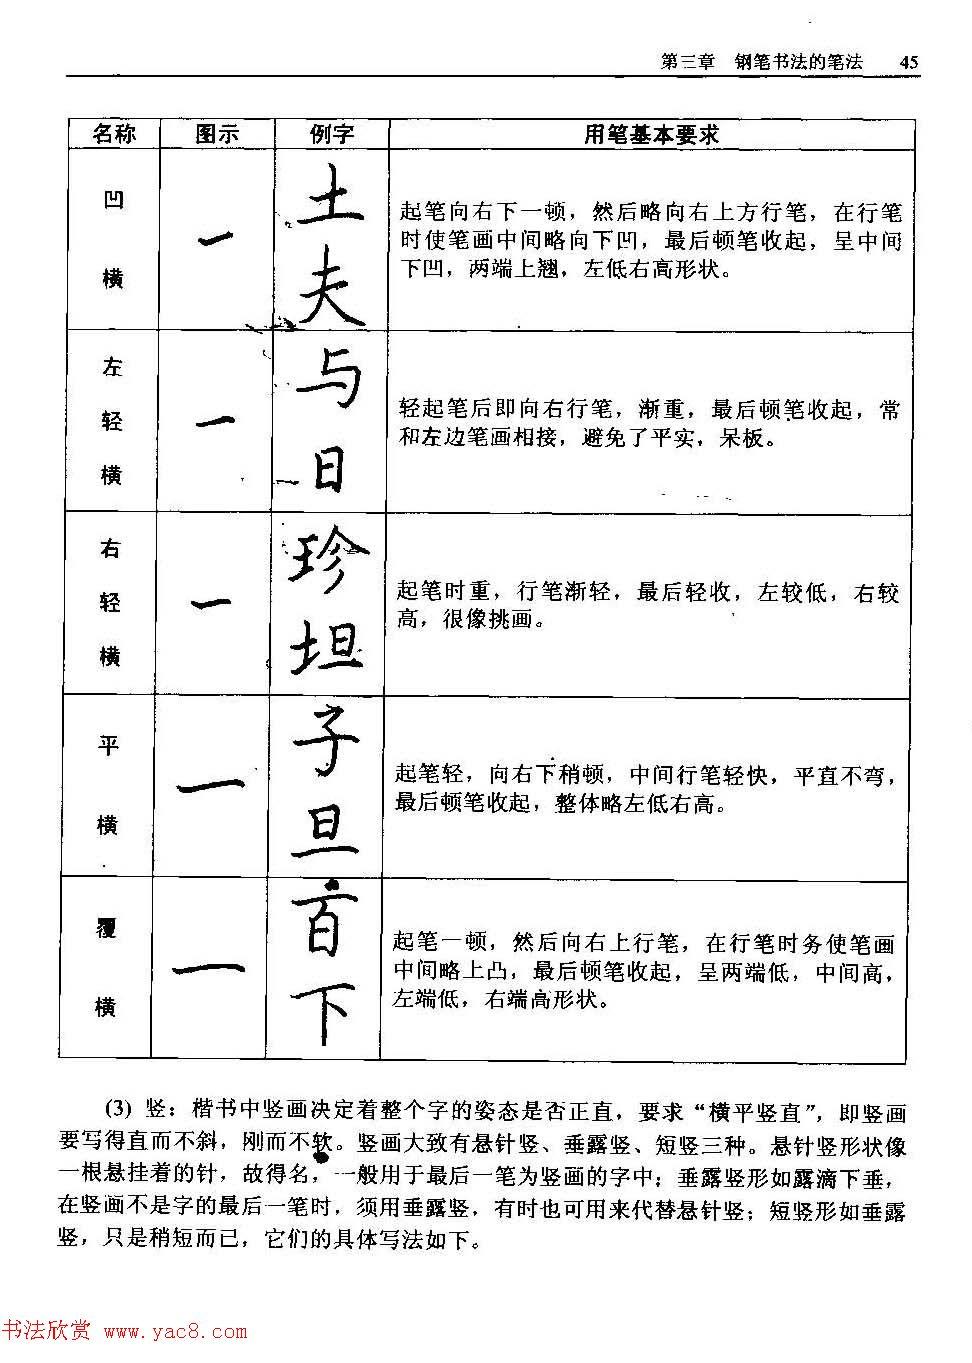 王正良著《中国钢笔书法教程》